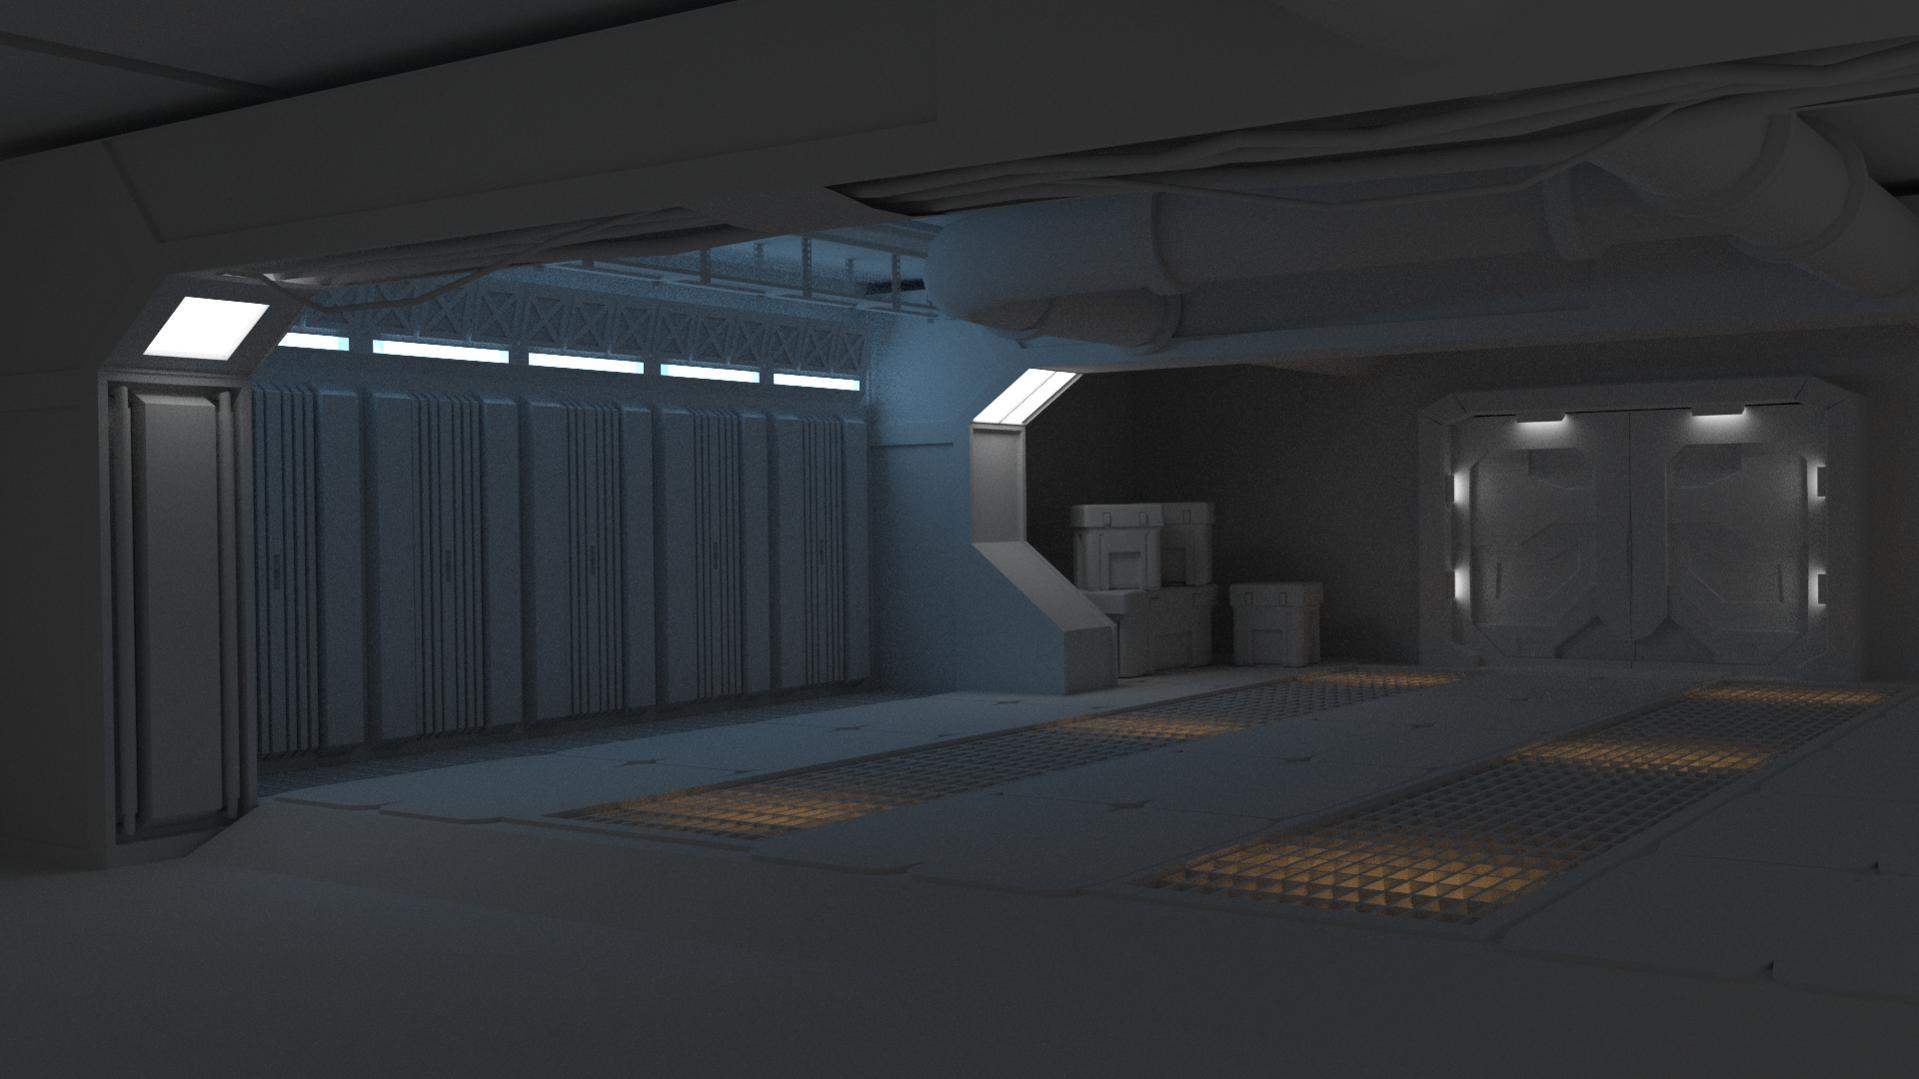 Spaceship Interior Room